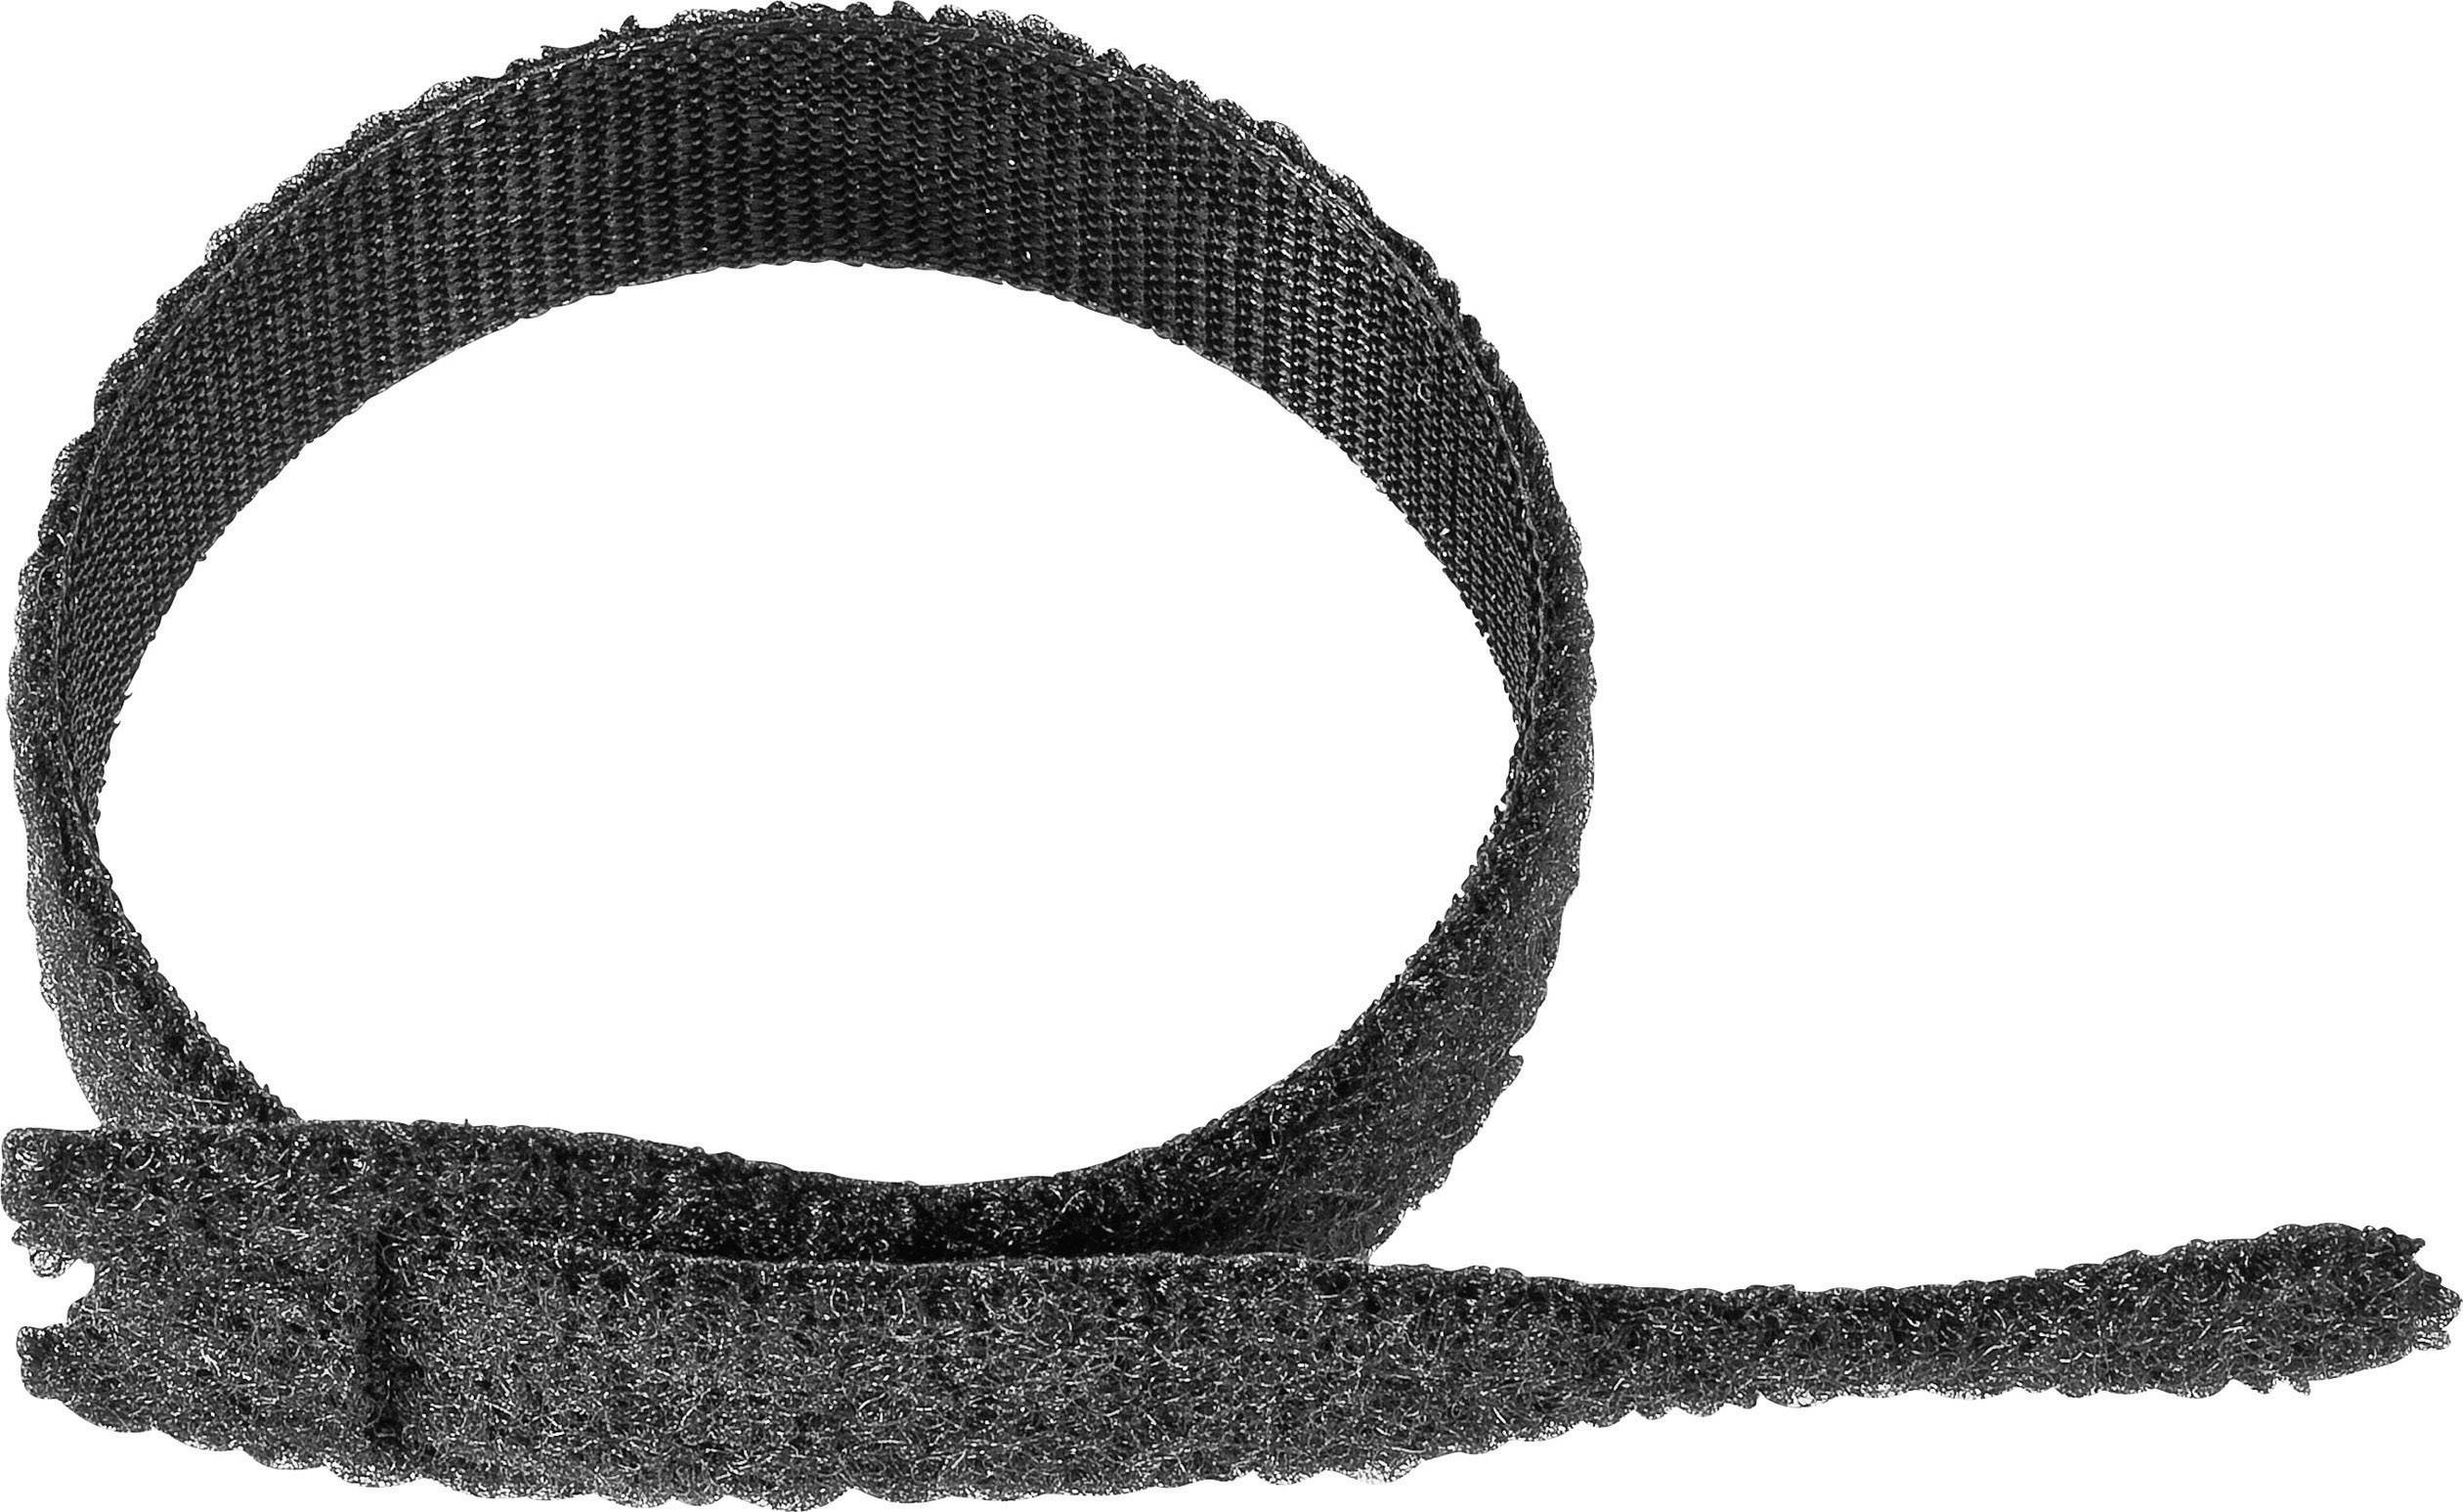 Káblový manažér na suchý zips VELCRO® brand ONE-WRAP Strap®, (d x š) 200 mm x 20 mm, čierna, 1 ks